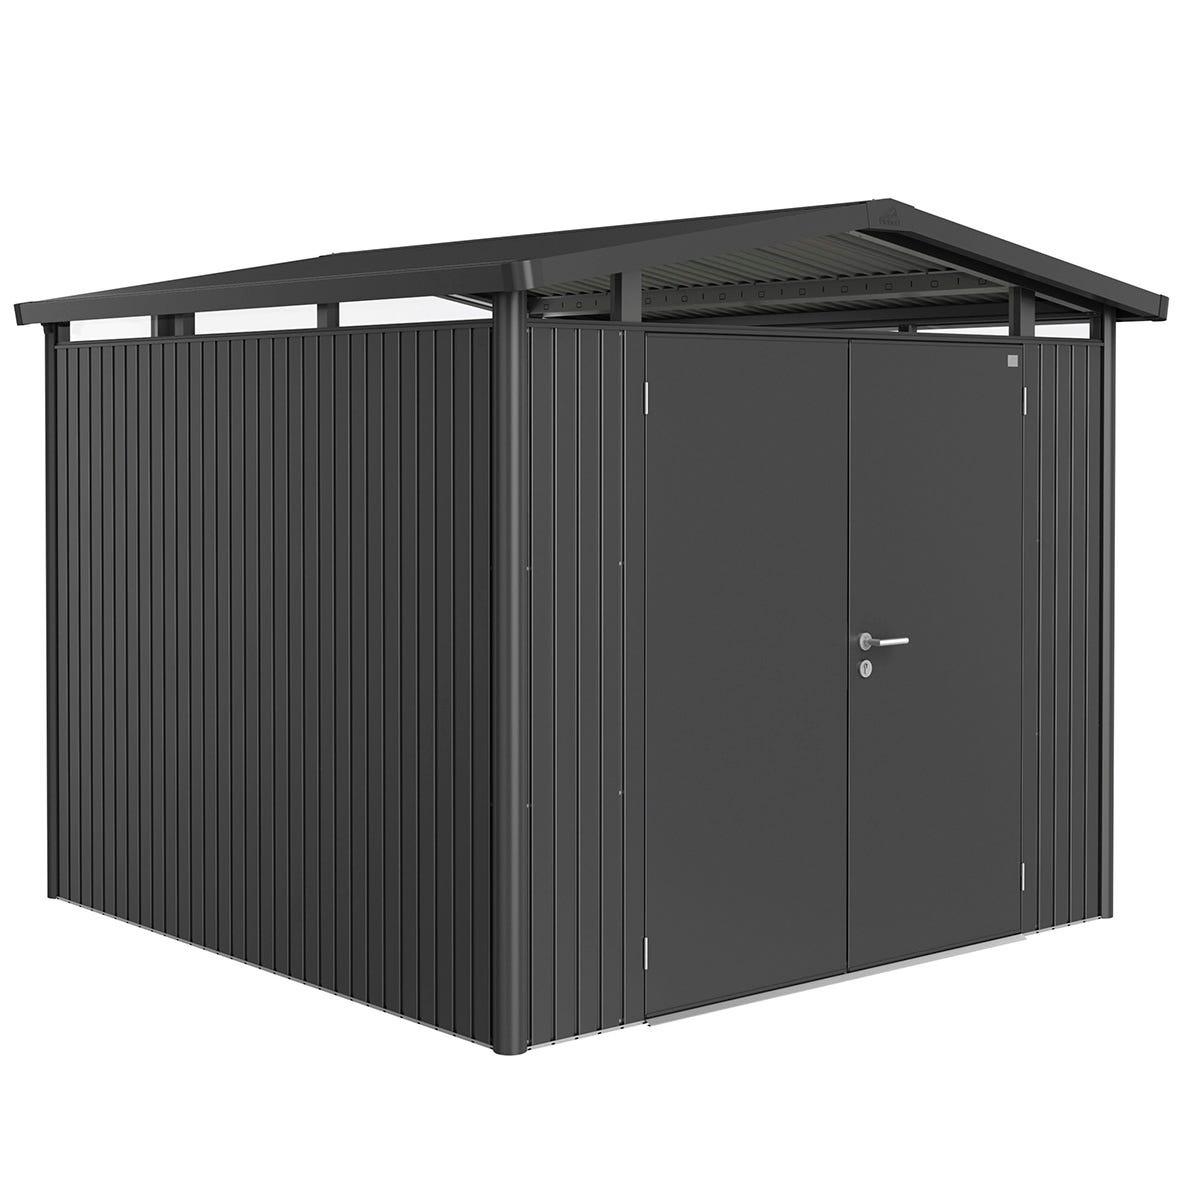 Biohort Panorama Metal Shed P4 Double Door 9' x 9' 1'' - Dark Grey